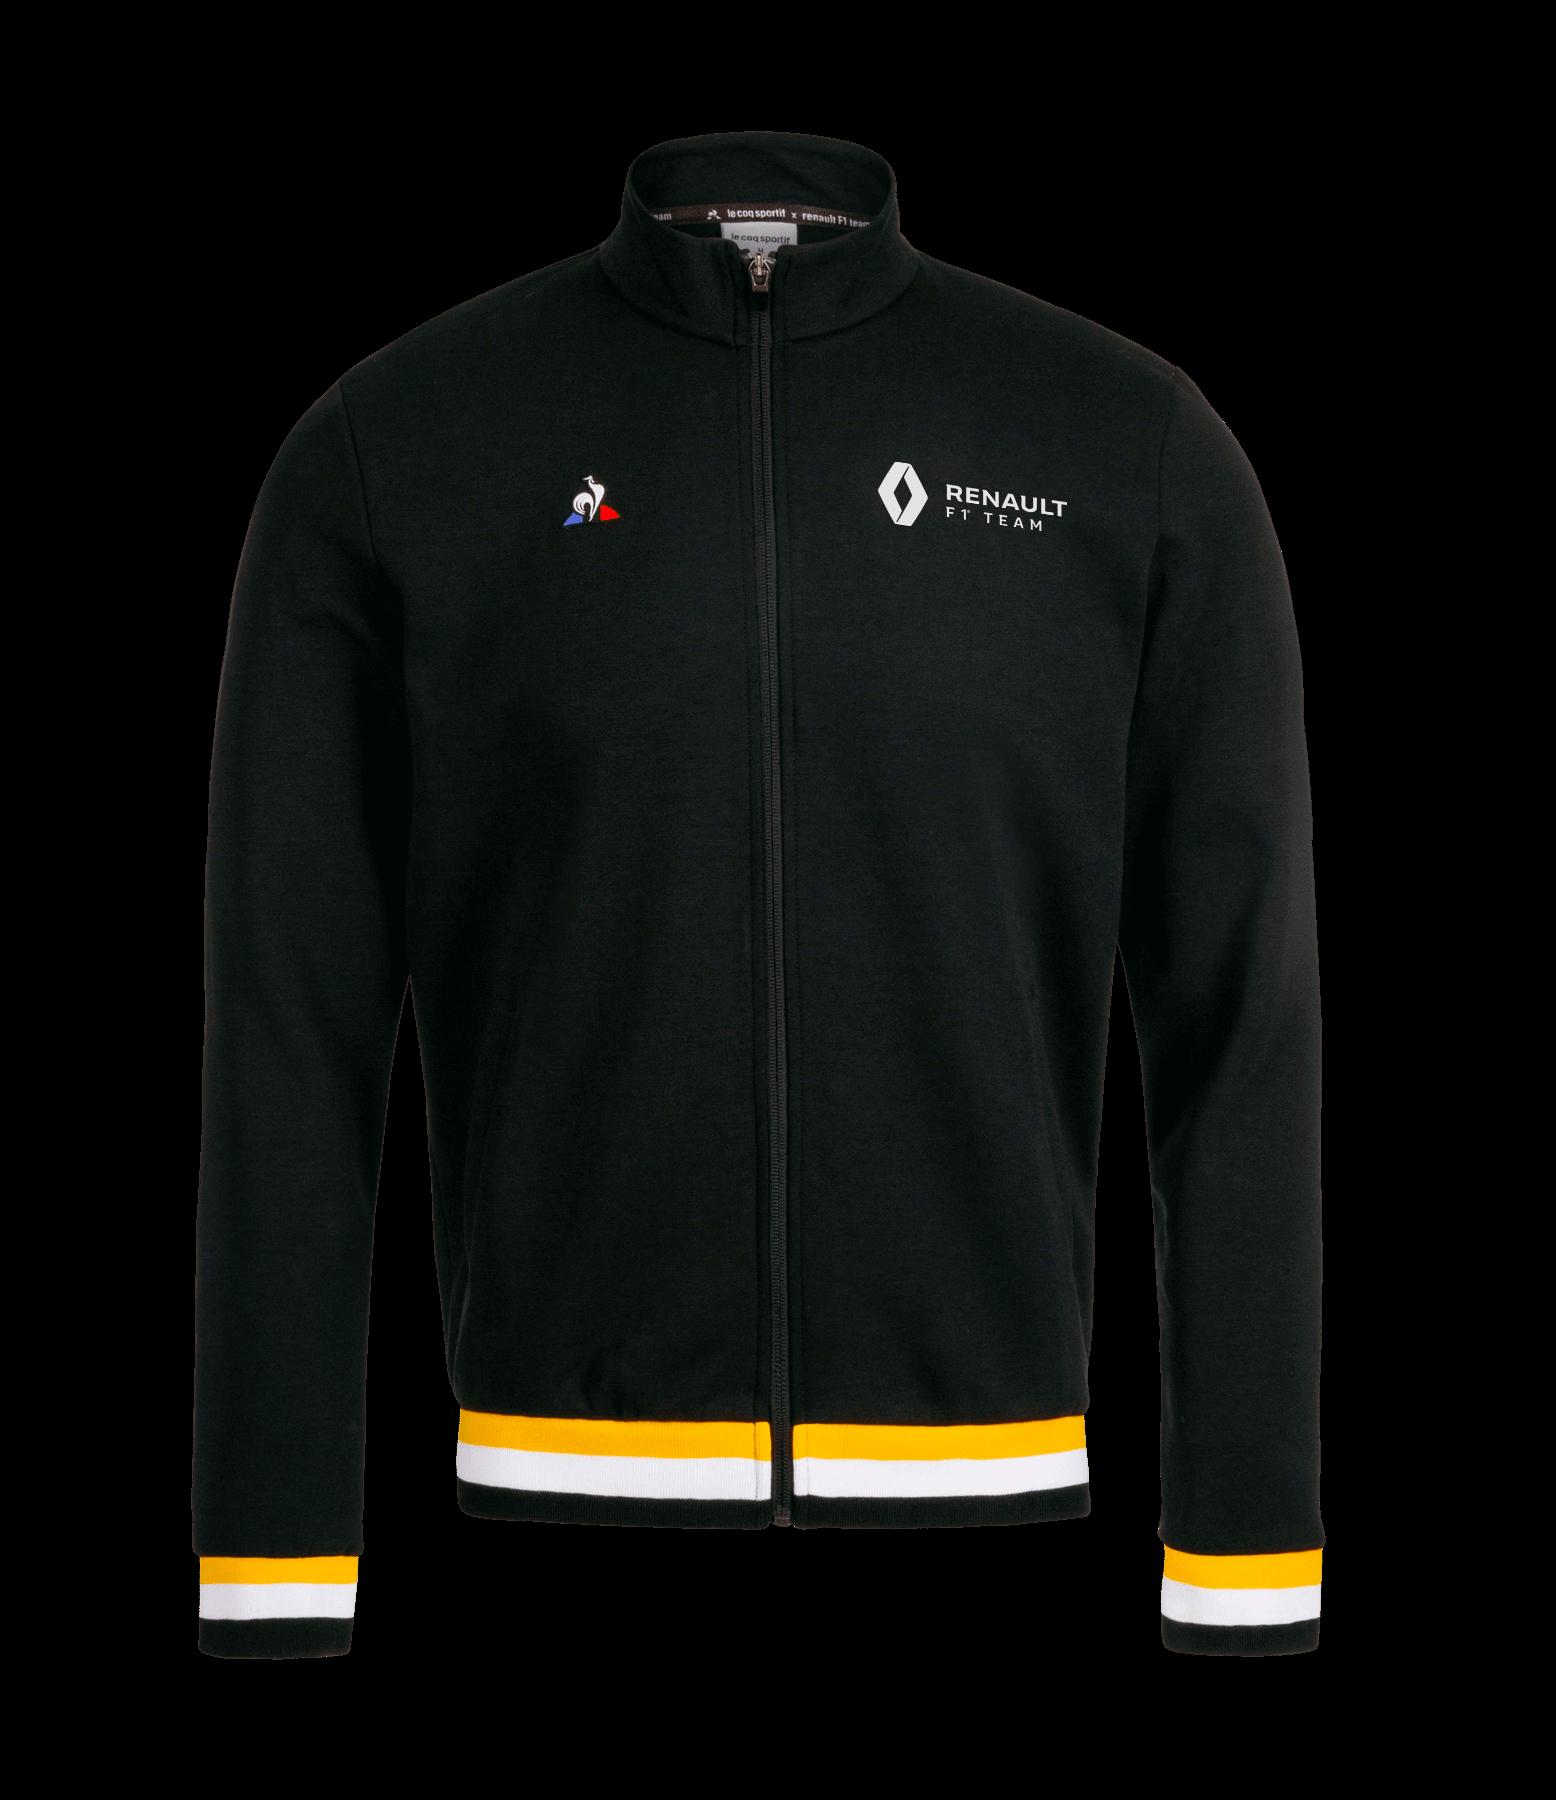 RENAULT F1® TEAM fan men's jacket - black